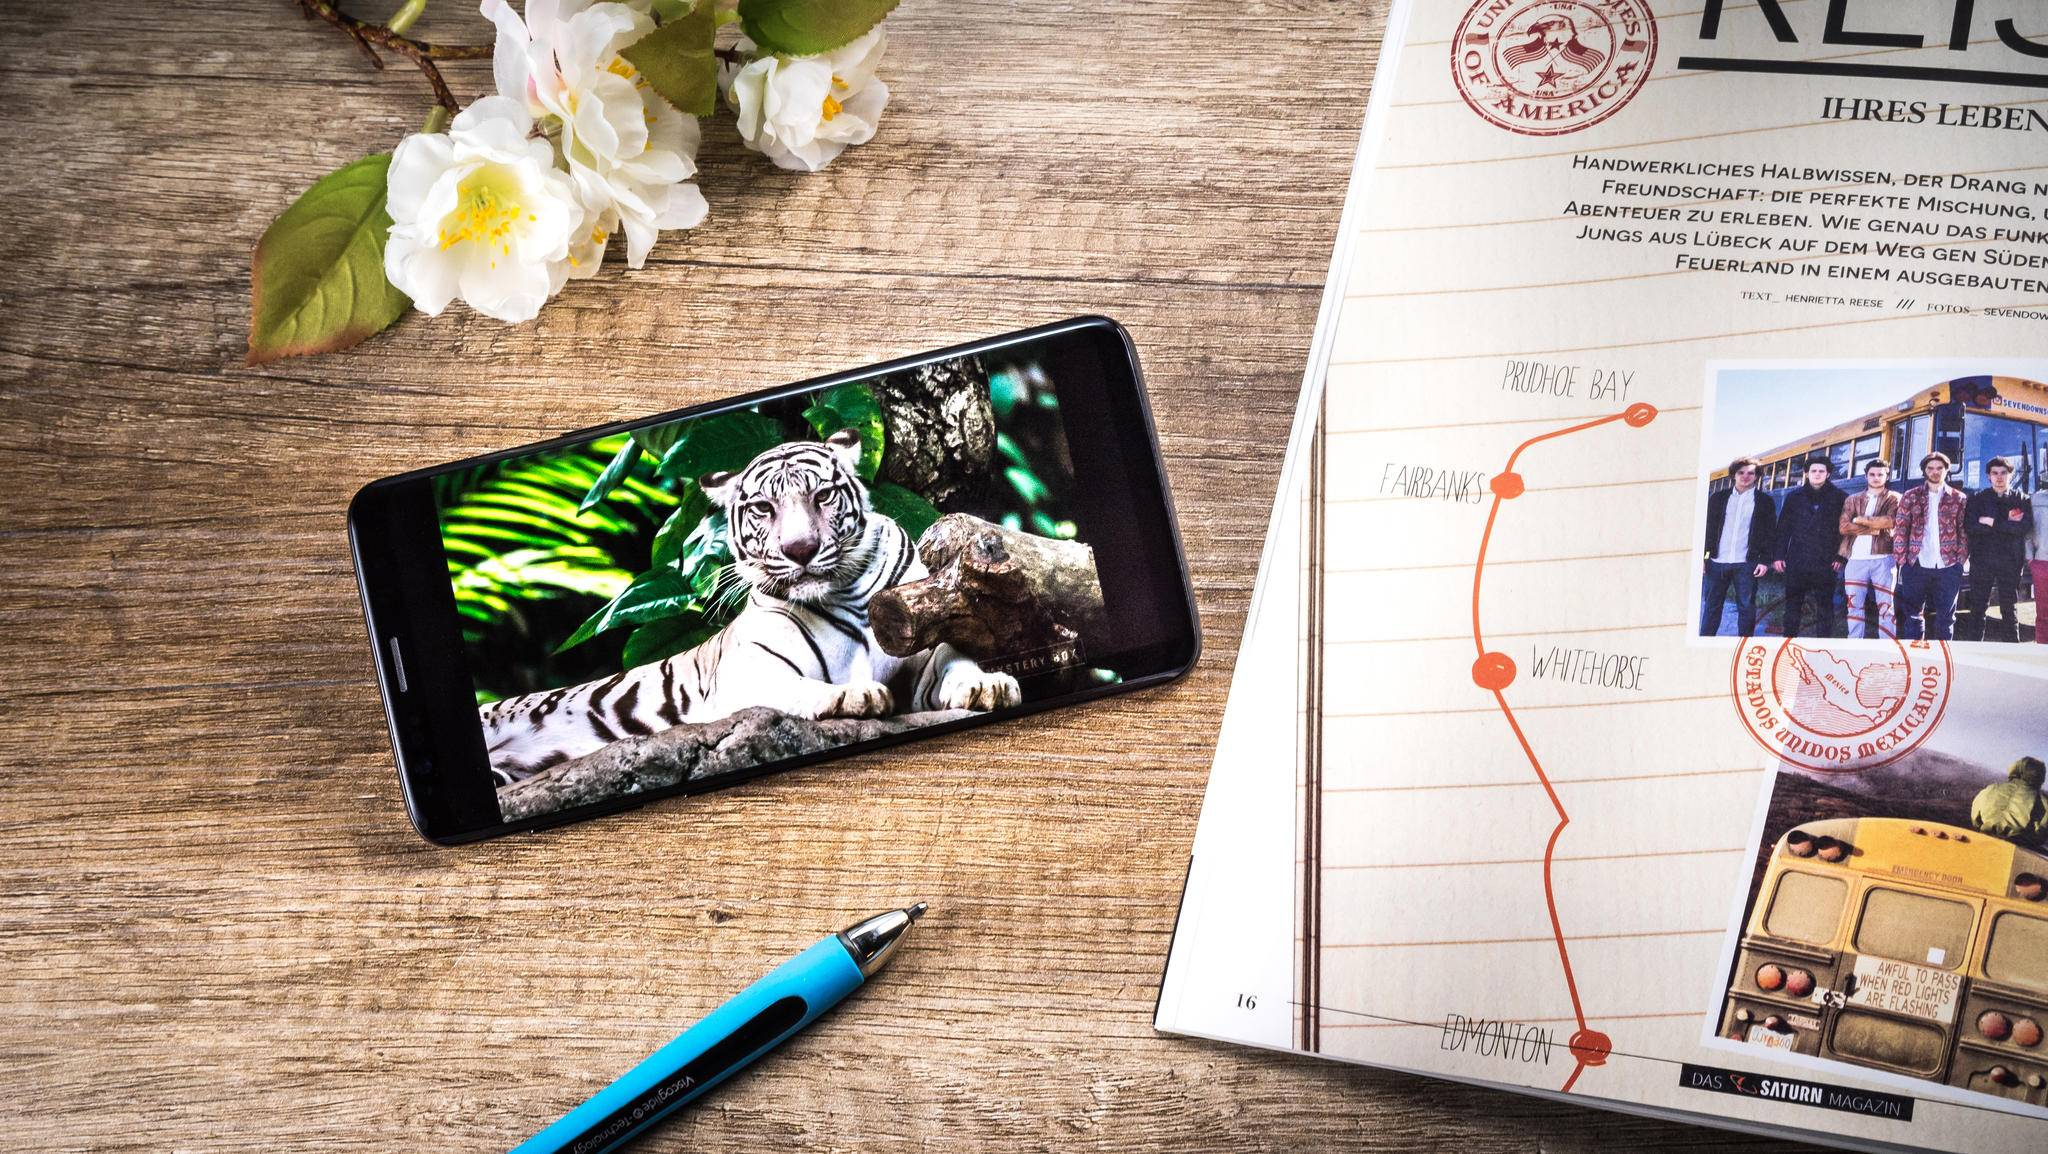 Das Samsung Galaxy S9 hat eine Pixeldichte von 568 ppi.